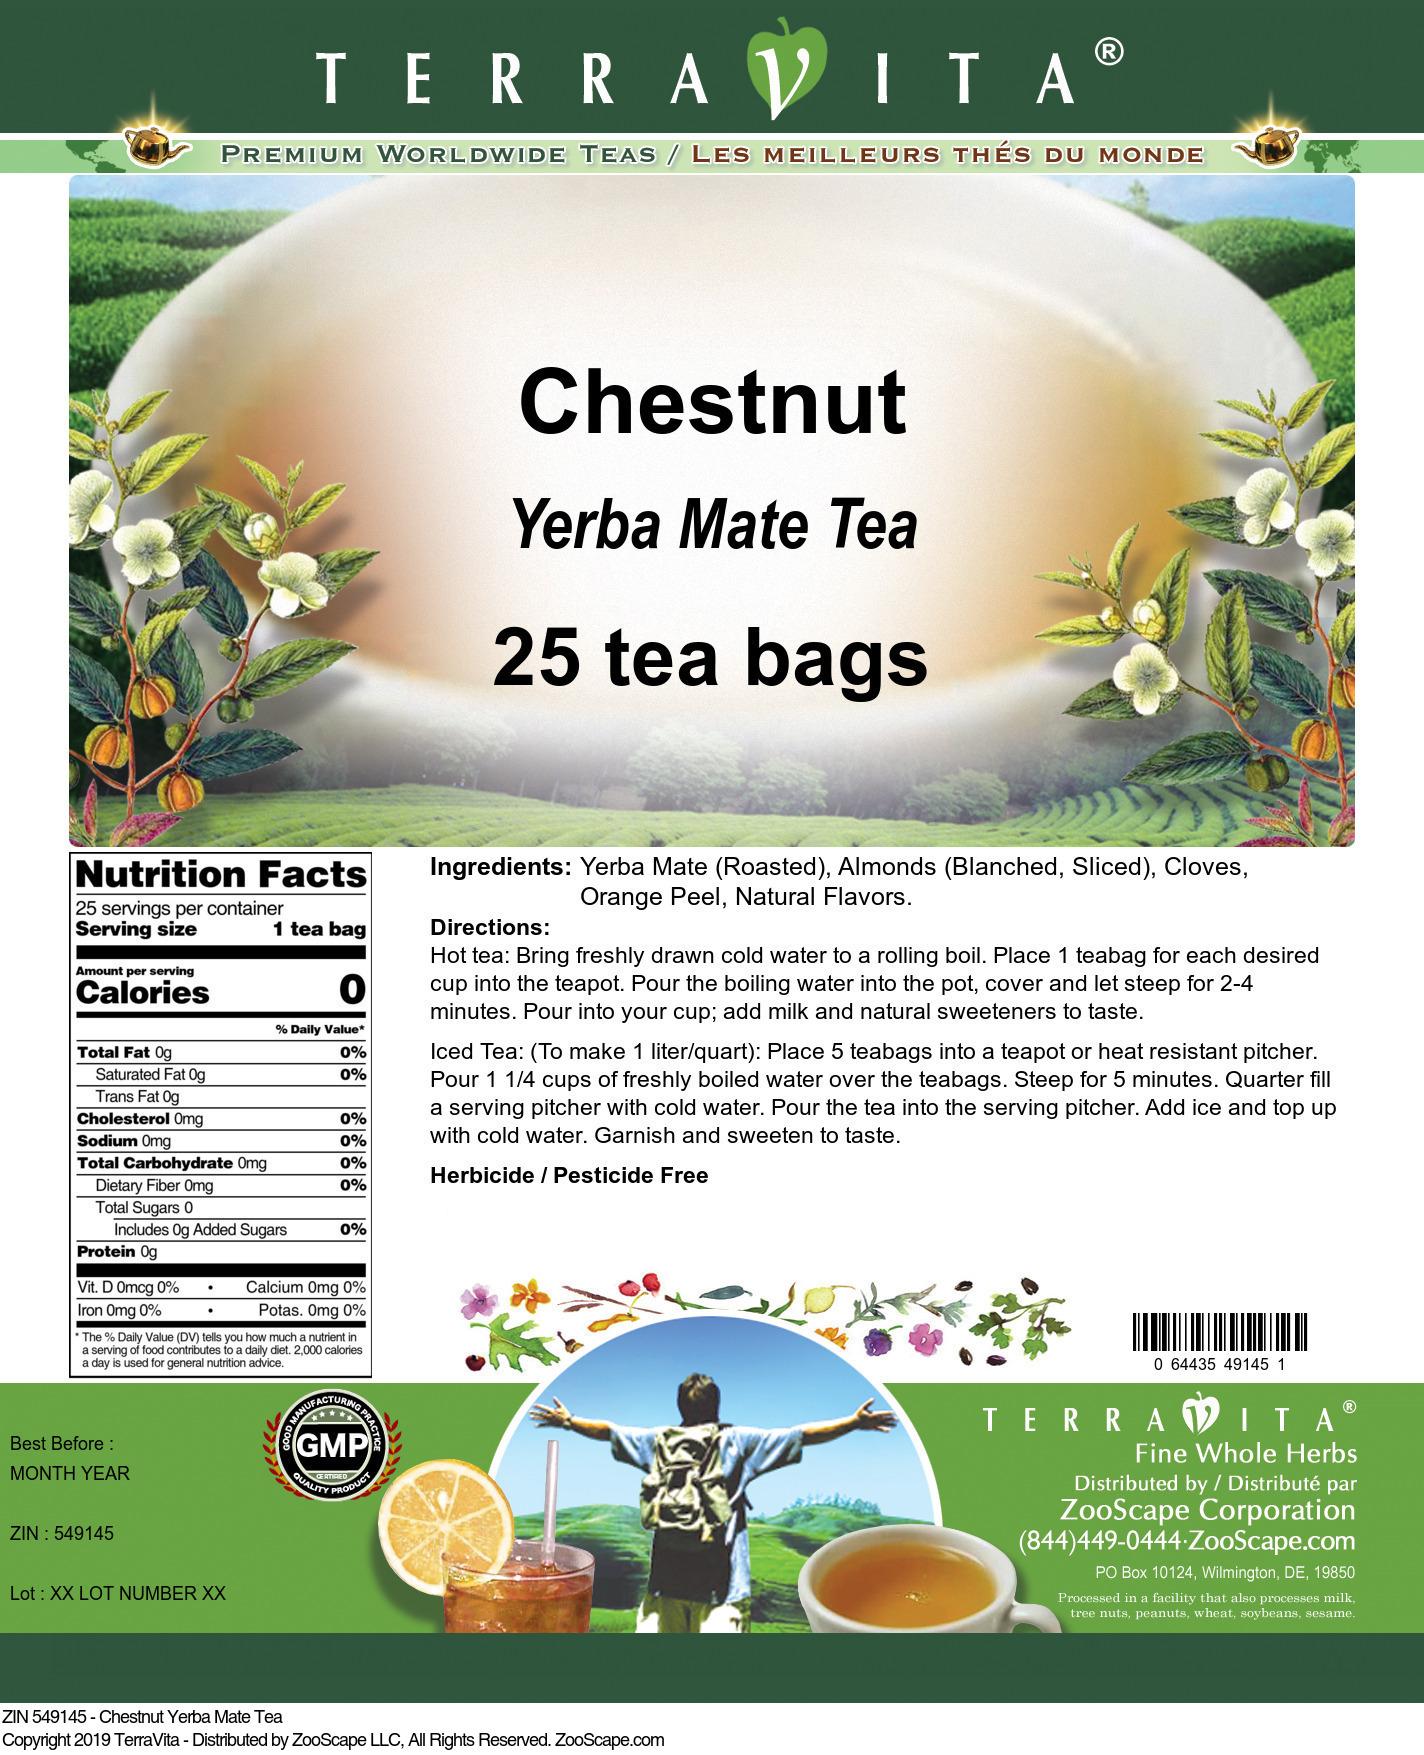 Chestnut Yerba Mate